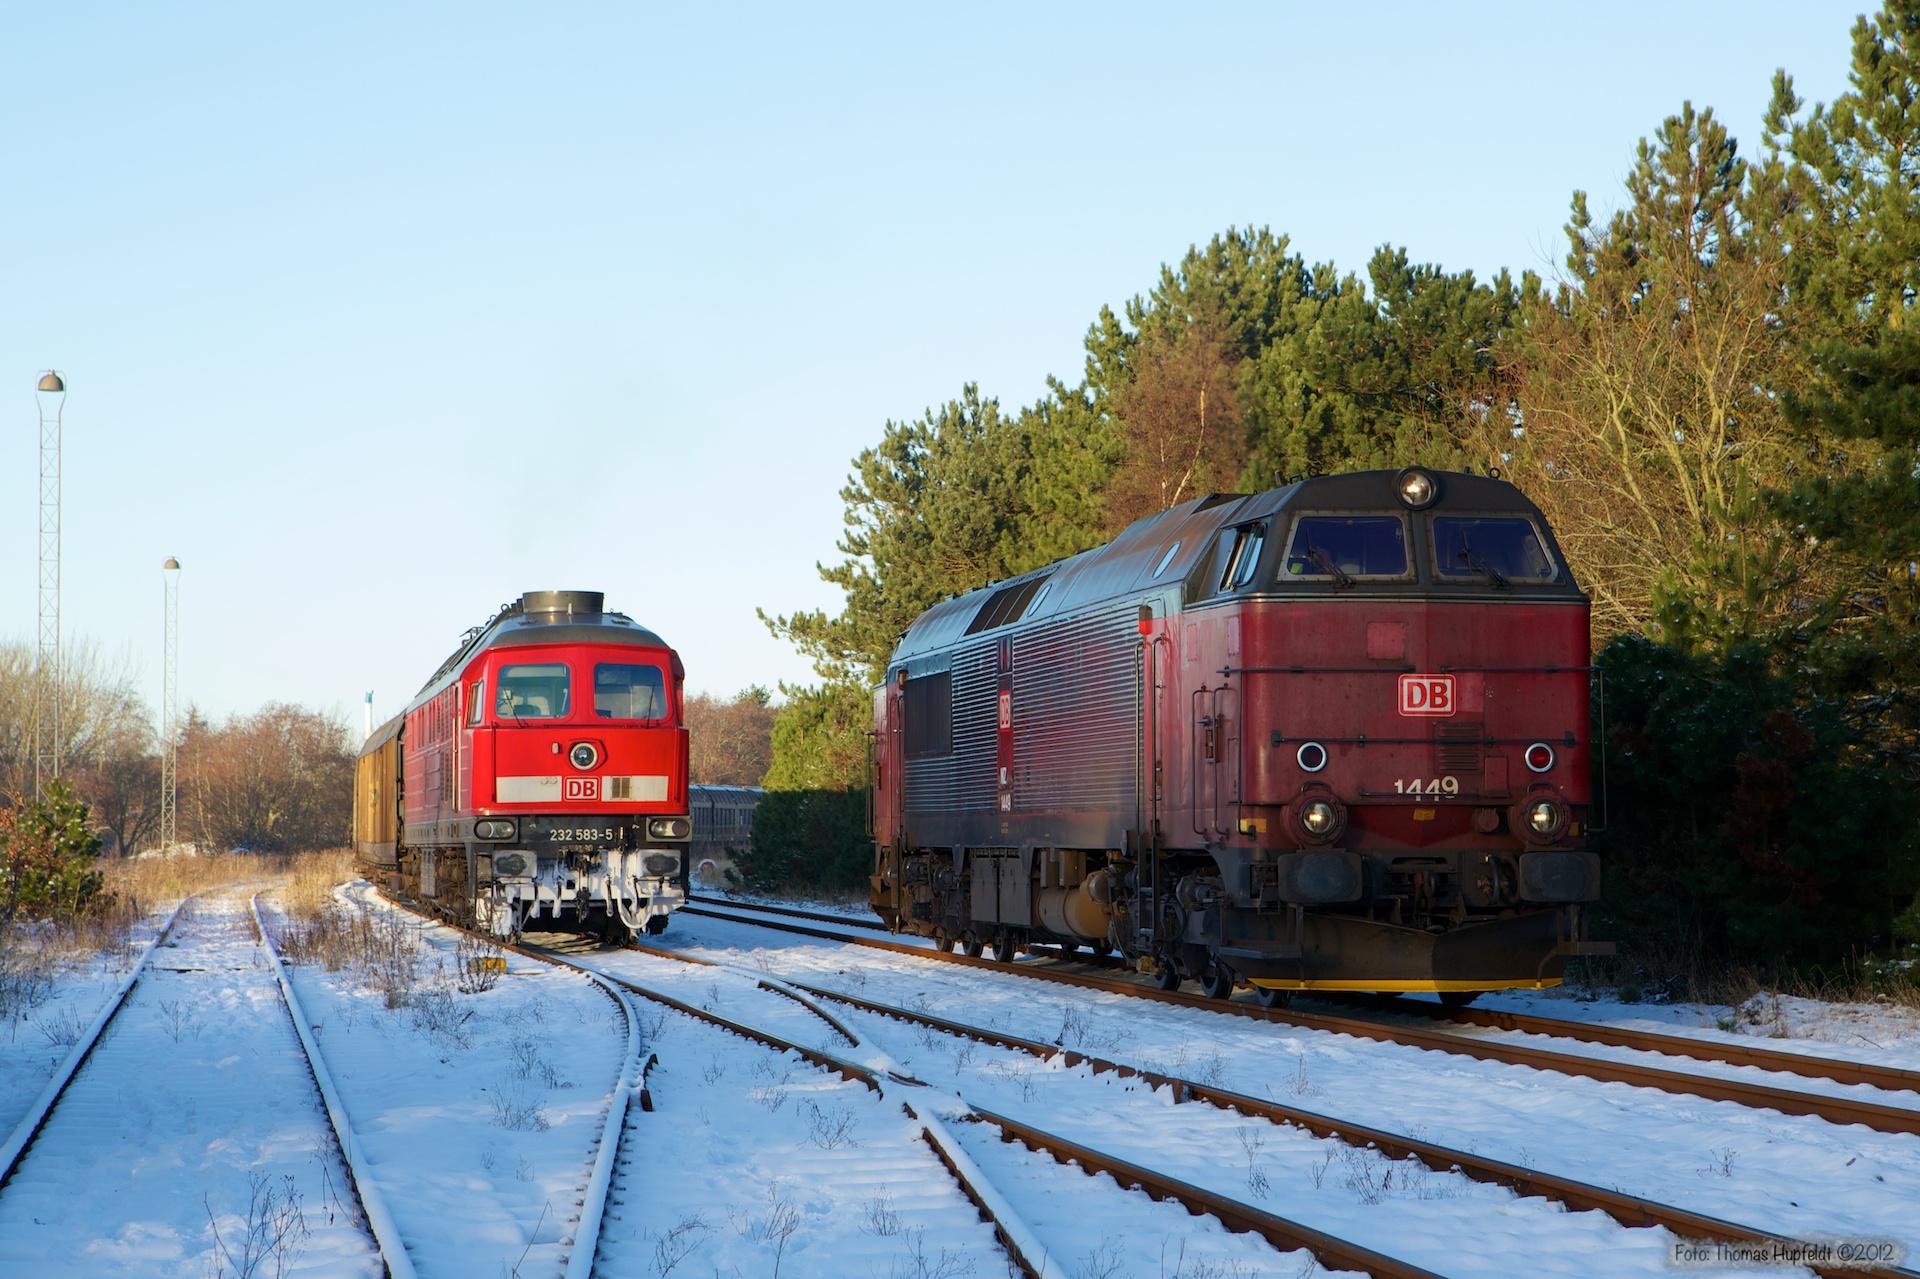 DB 232 583-5 med 44753 (Tdr-Maschen Rbf) og DB Schenker MZ 1449 ved Tønder - 06.12.2012